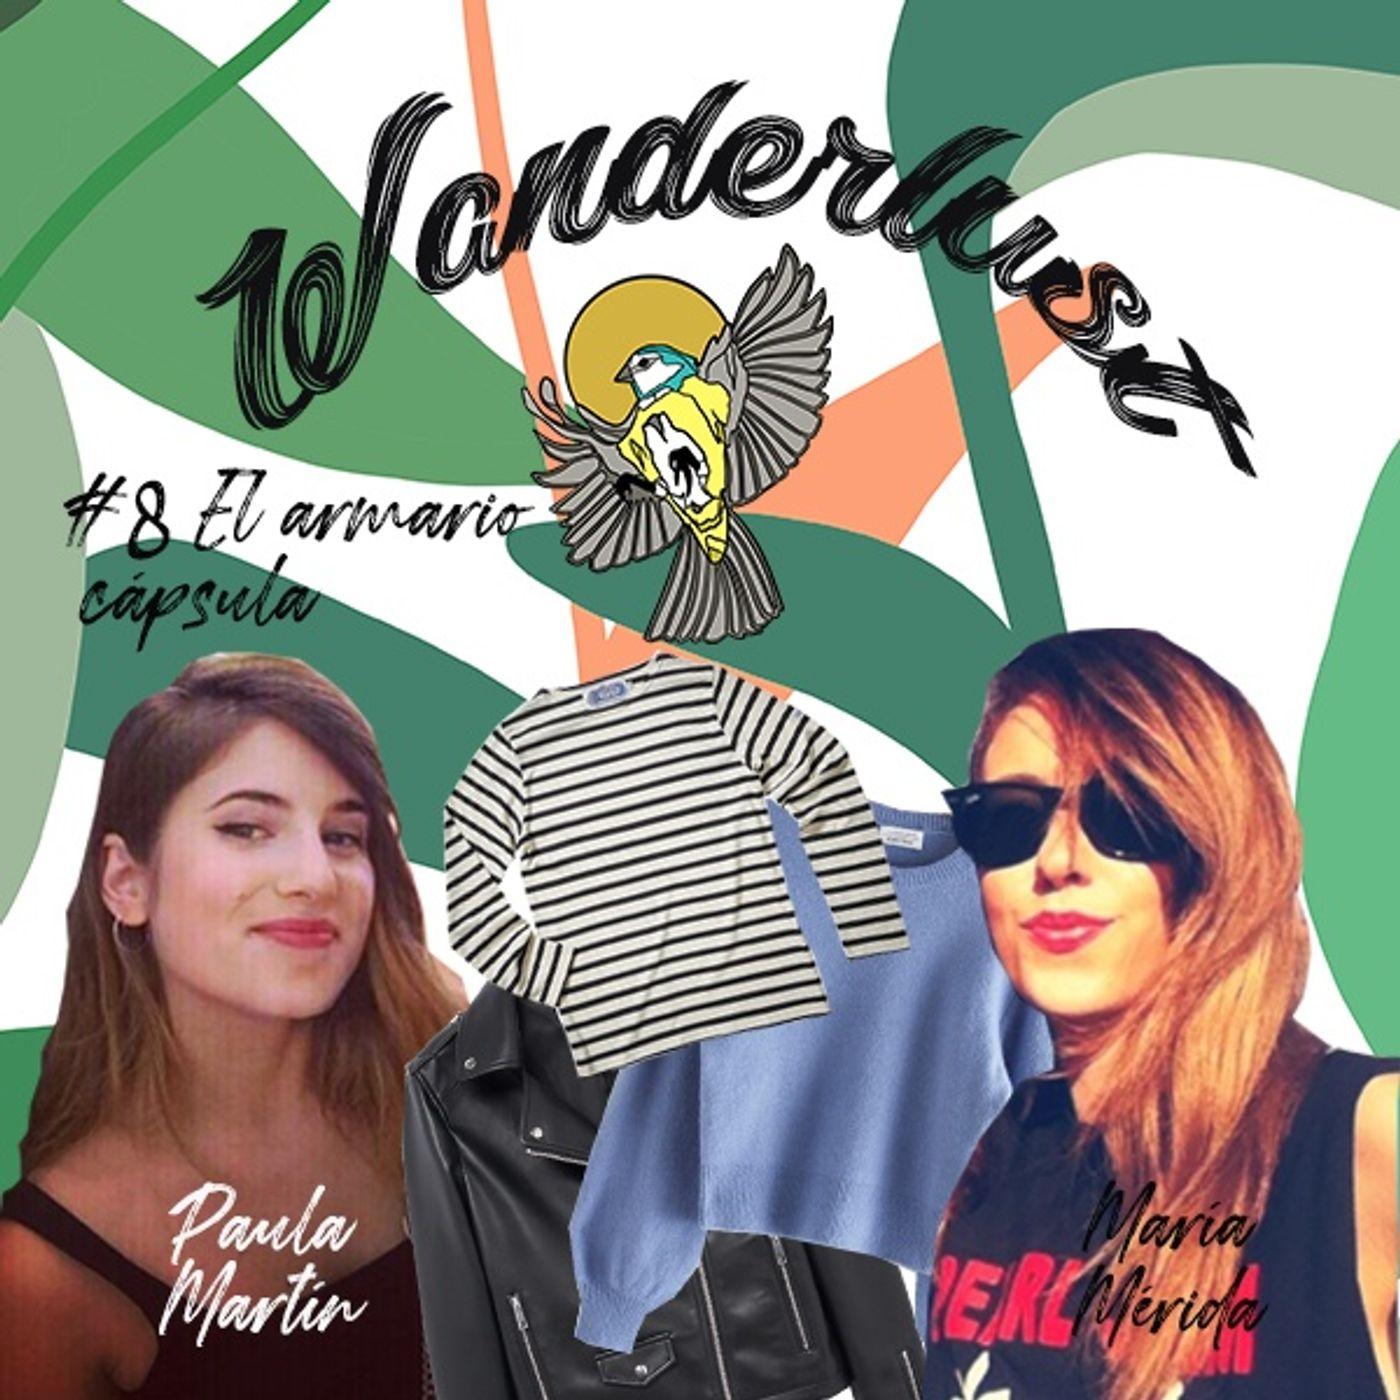 #8 El armario cápsula, con María Mérida